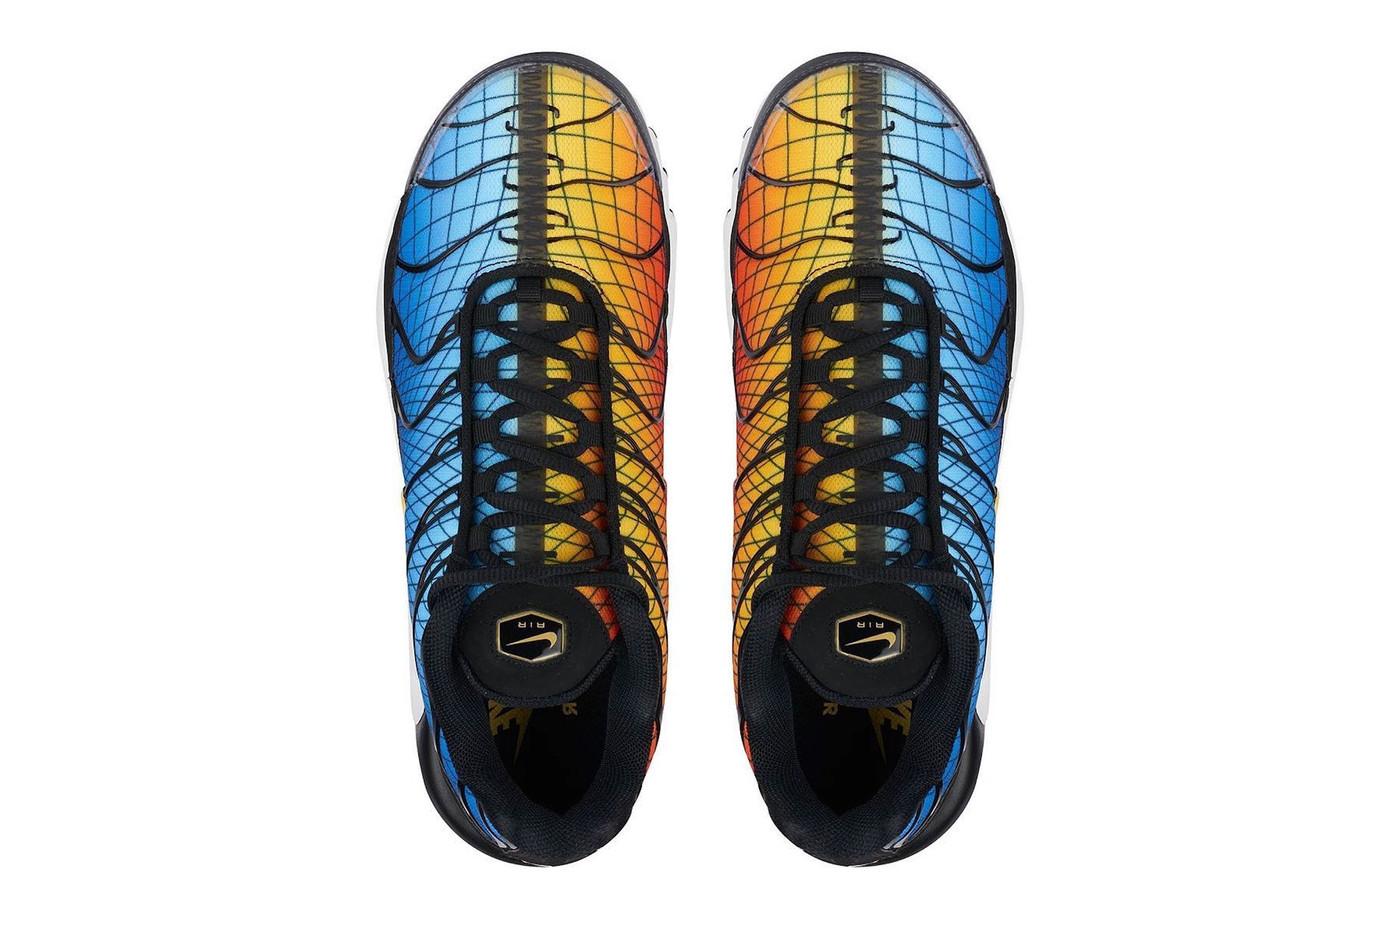 https 2F2Fhypebeast.com2Fimage2F20182F112Fnike air max plus greedy 04 - Las nuevas Nike Air Max Plus llegarán en dos nuevos colores